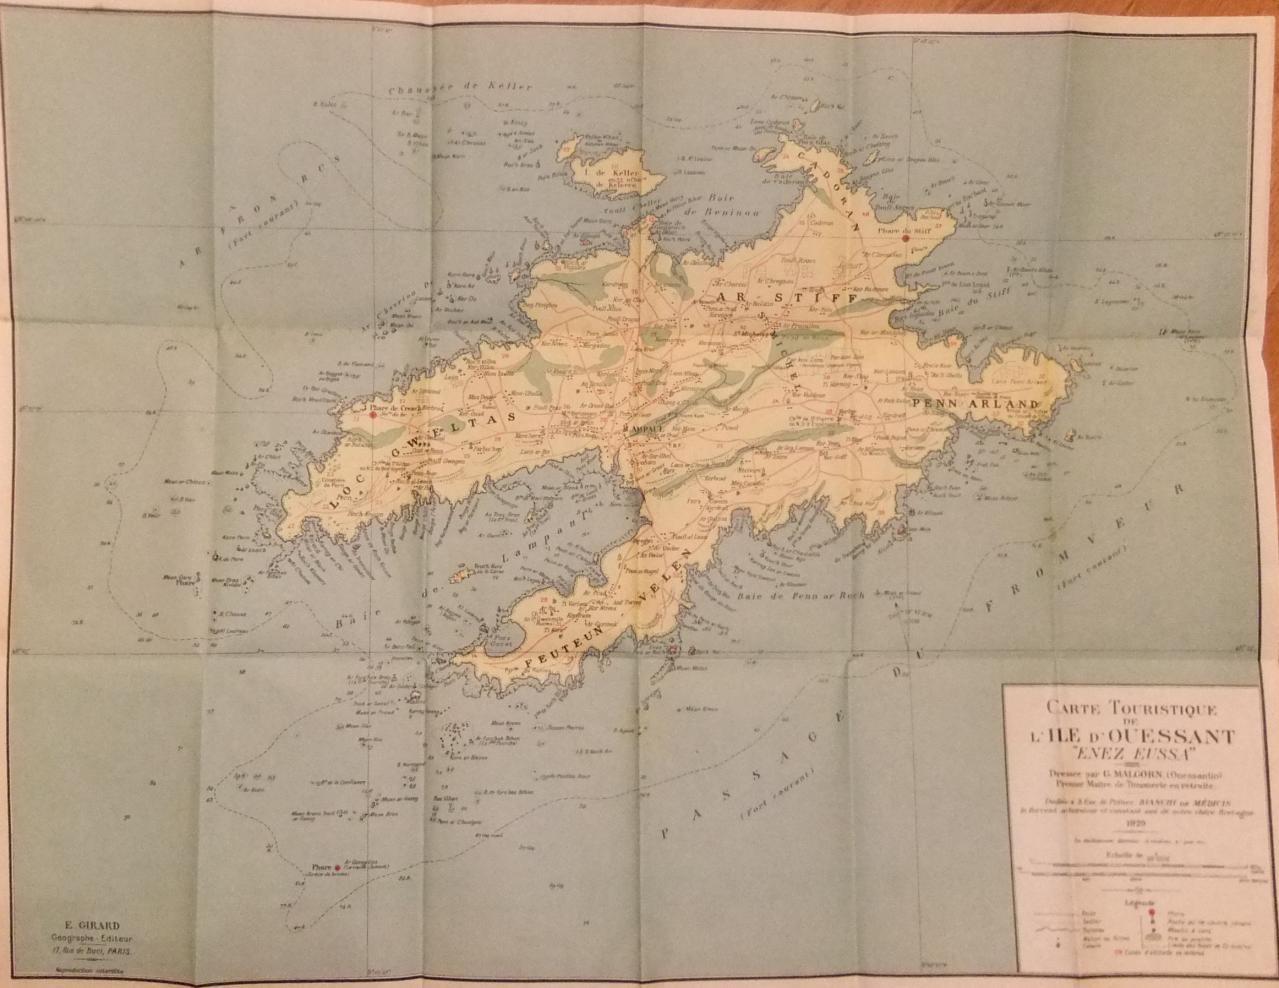 Carte touristique et guide de l'ile d'Ouessant 1932 Malgorn